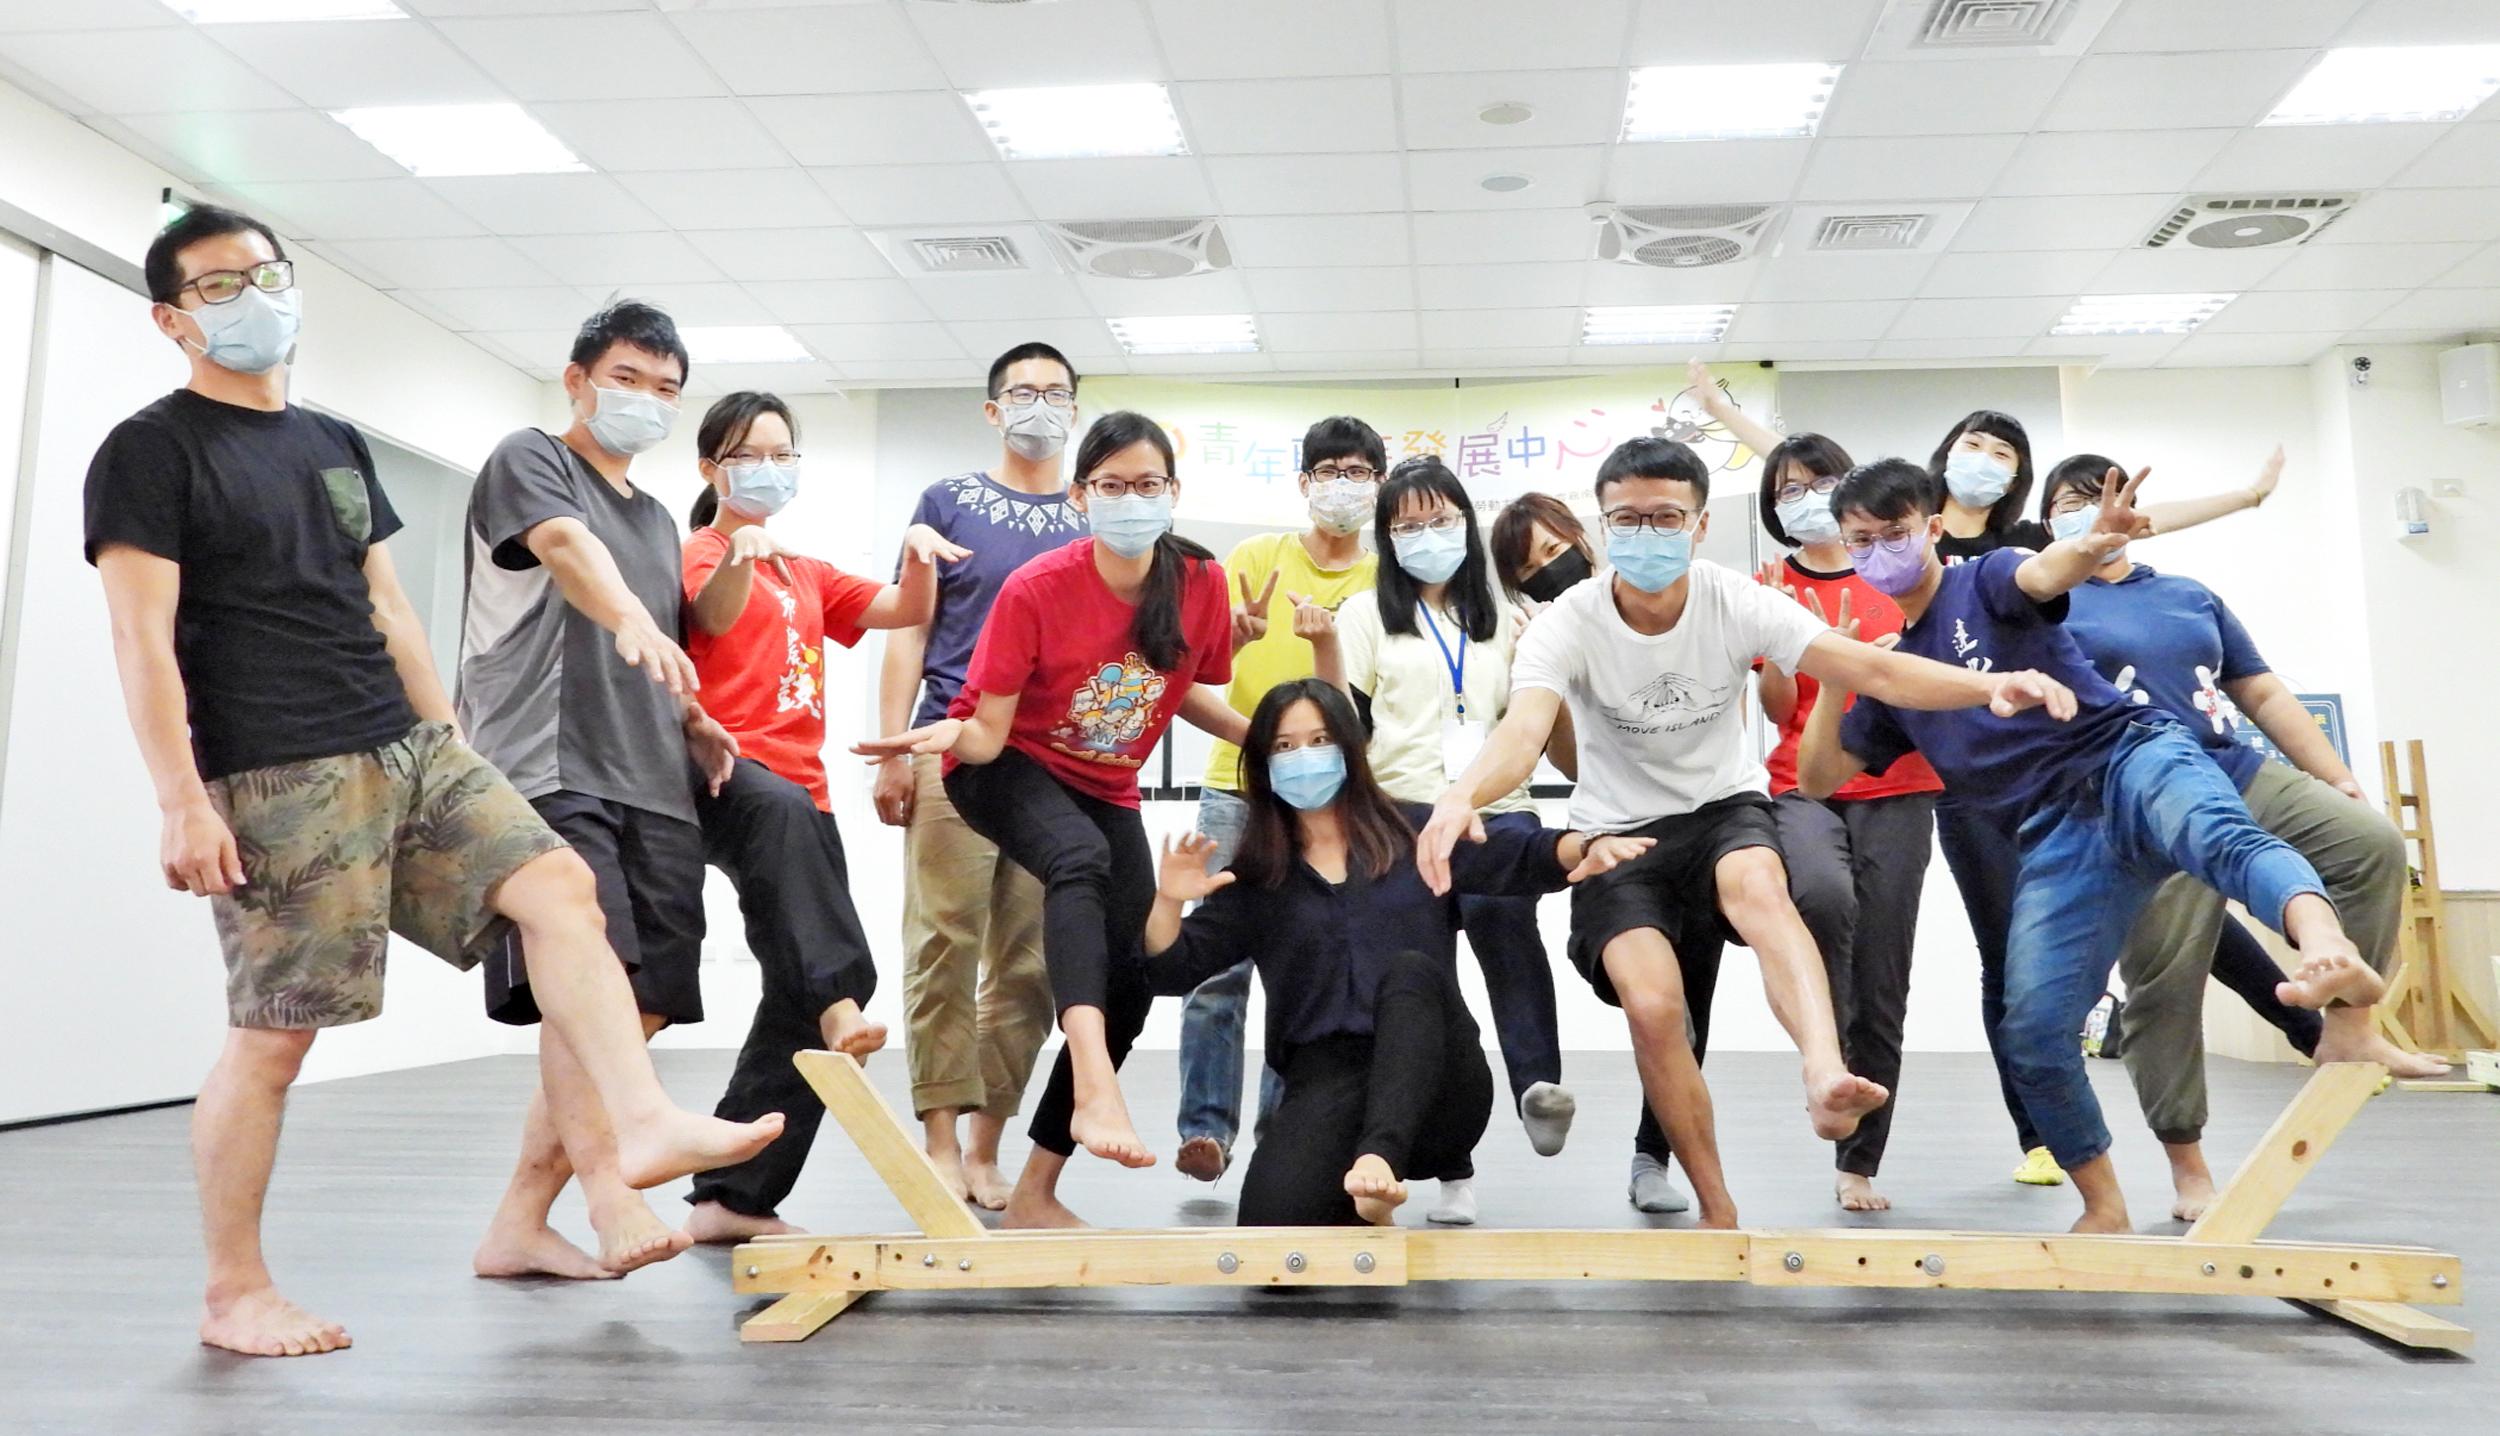 ▲因應畢業求職潮,雲嘉南分署青年職涯發展中心4-6月將辦理超過60場次的職涯講座、職場參訪體驗、團體課程活動。